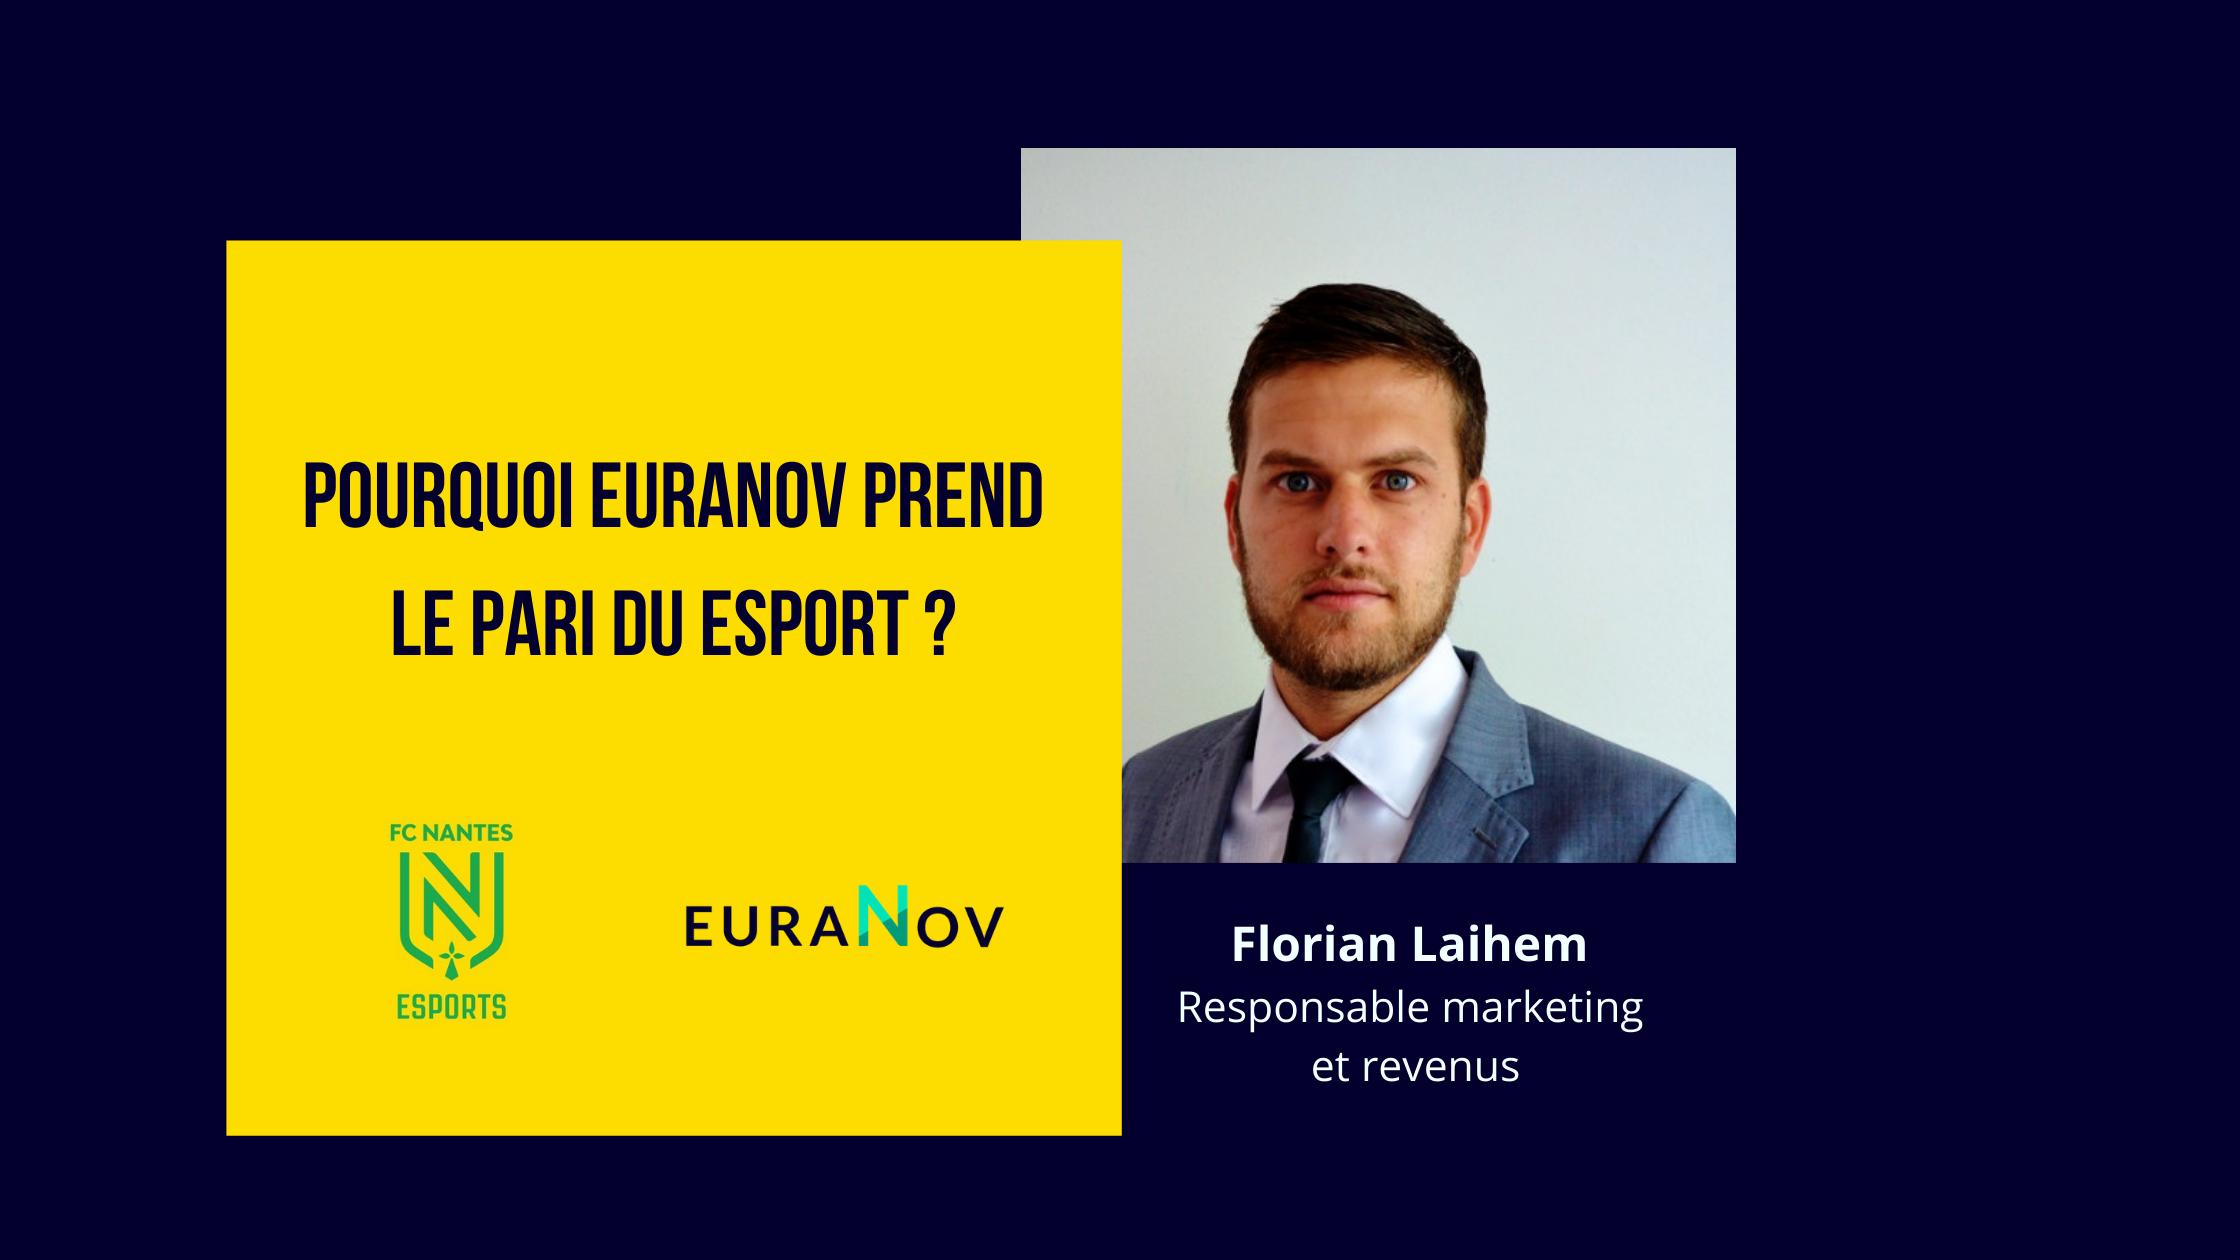 Le pari du esport chez euranov